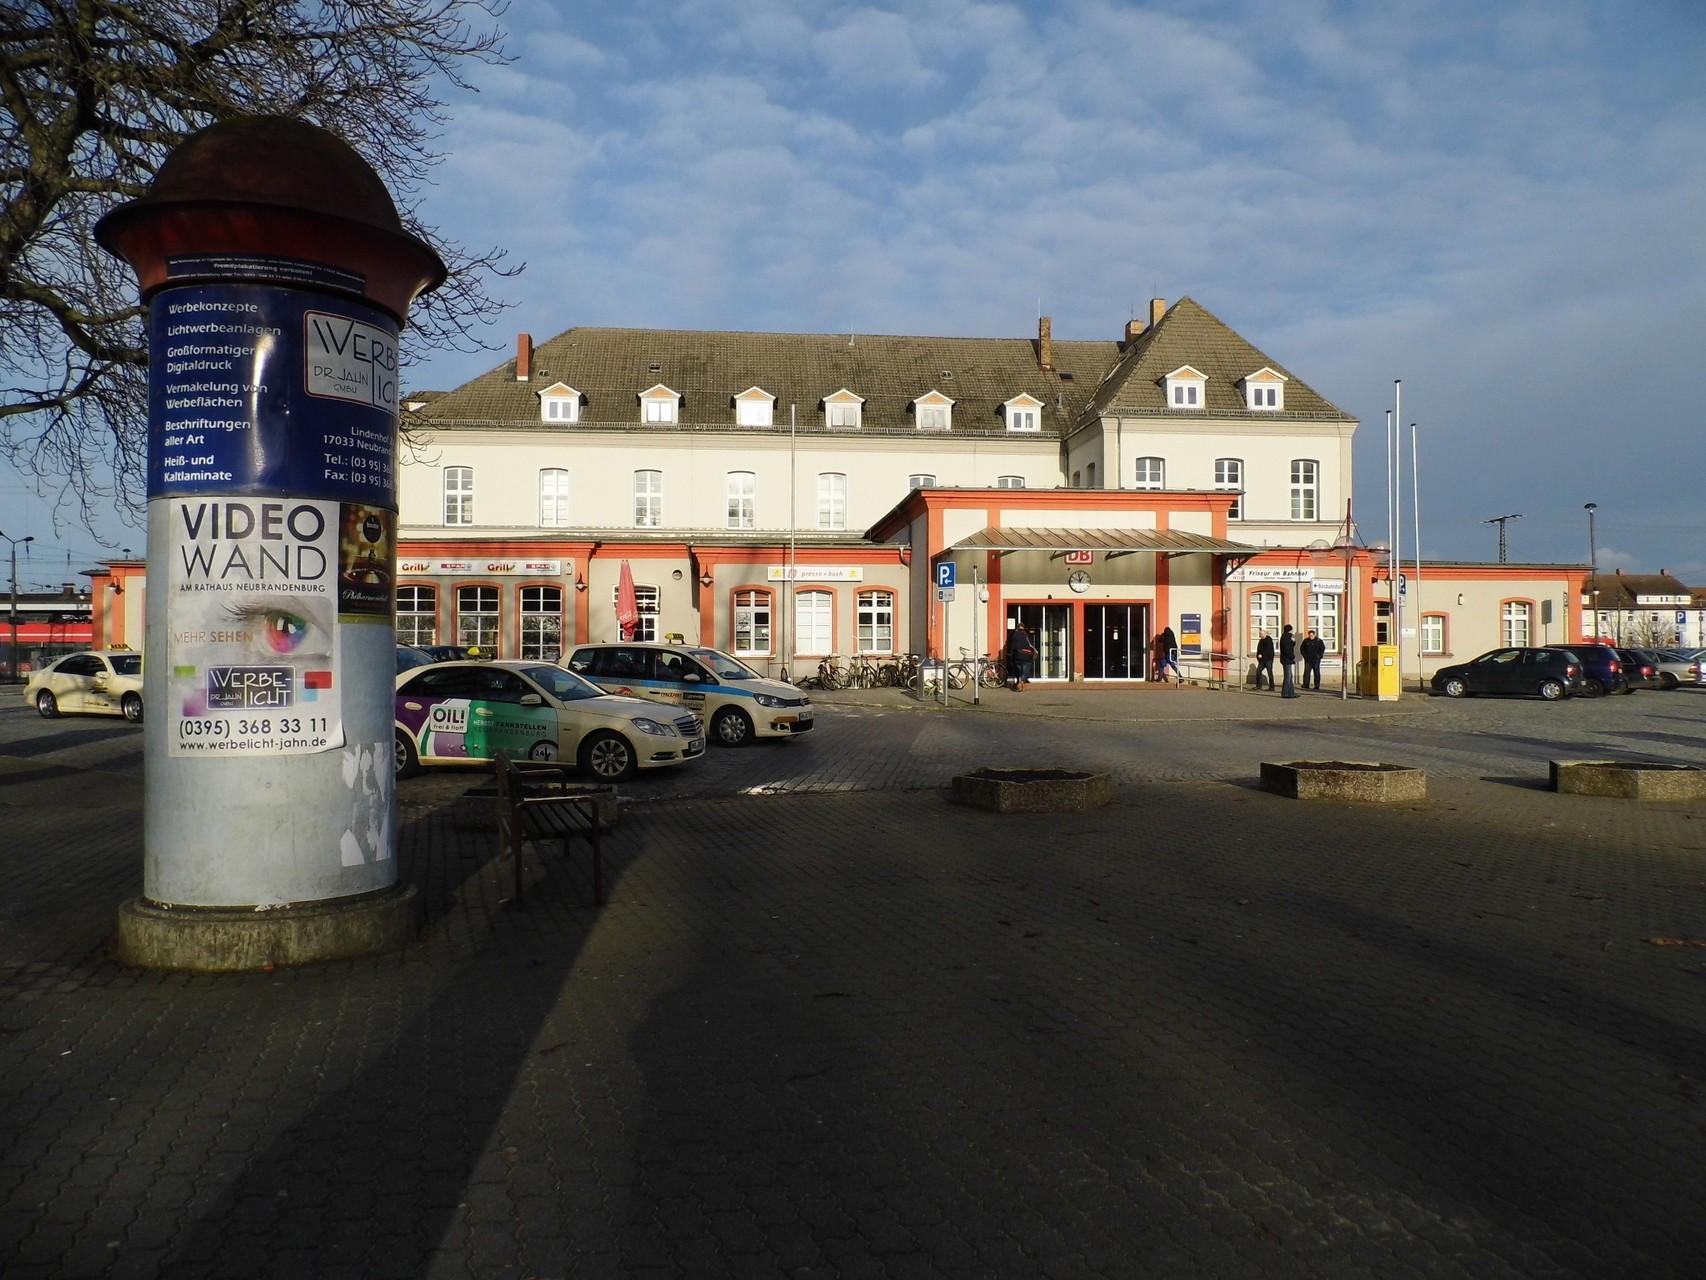 Neubrandenburgs Bahnhof,  zu modern für die Filmcrew, wurde kurzfristig in Pasewalk angesiedelt.